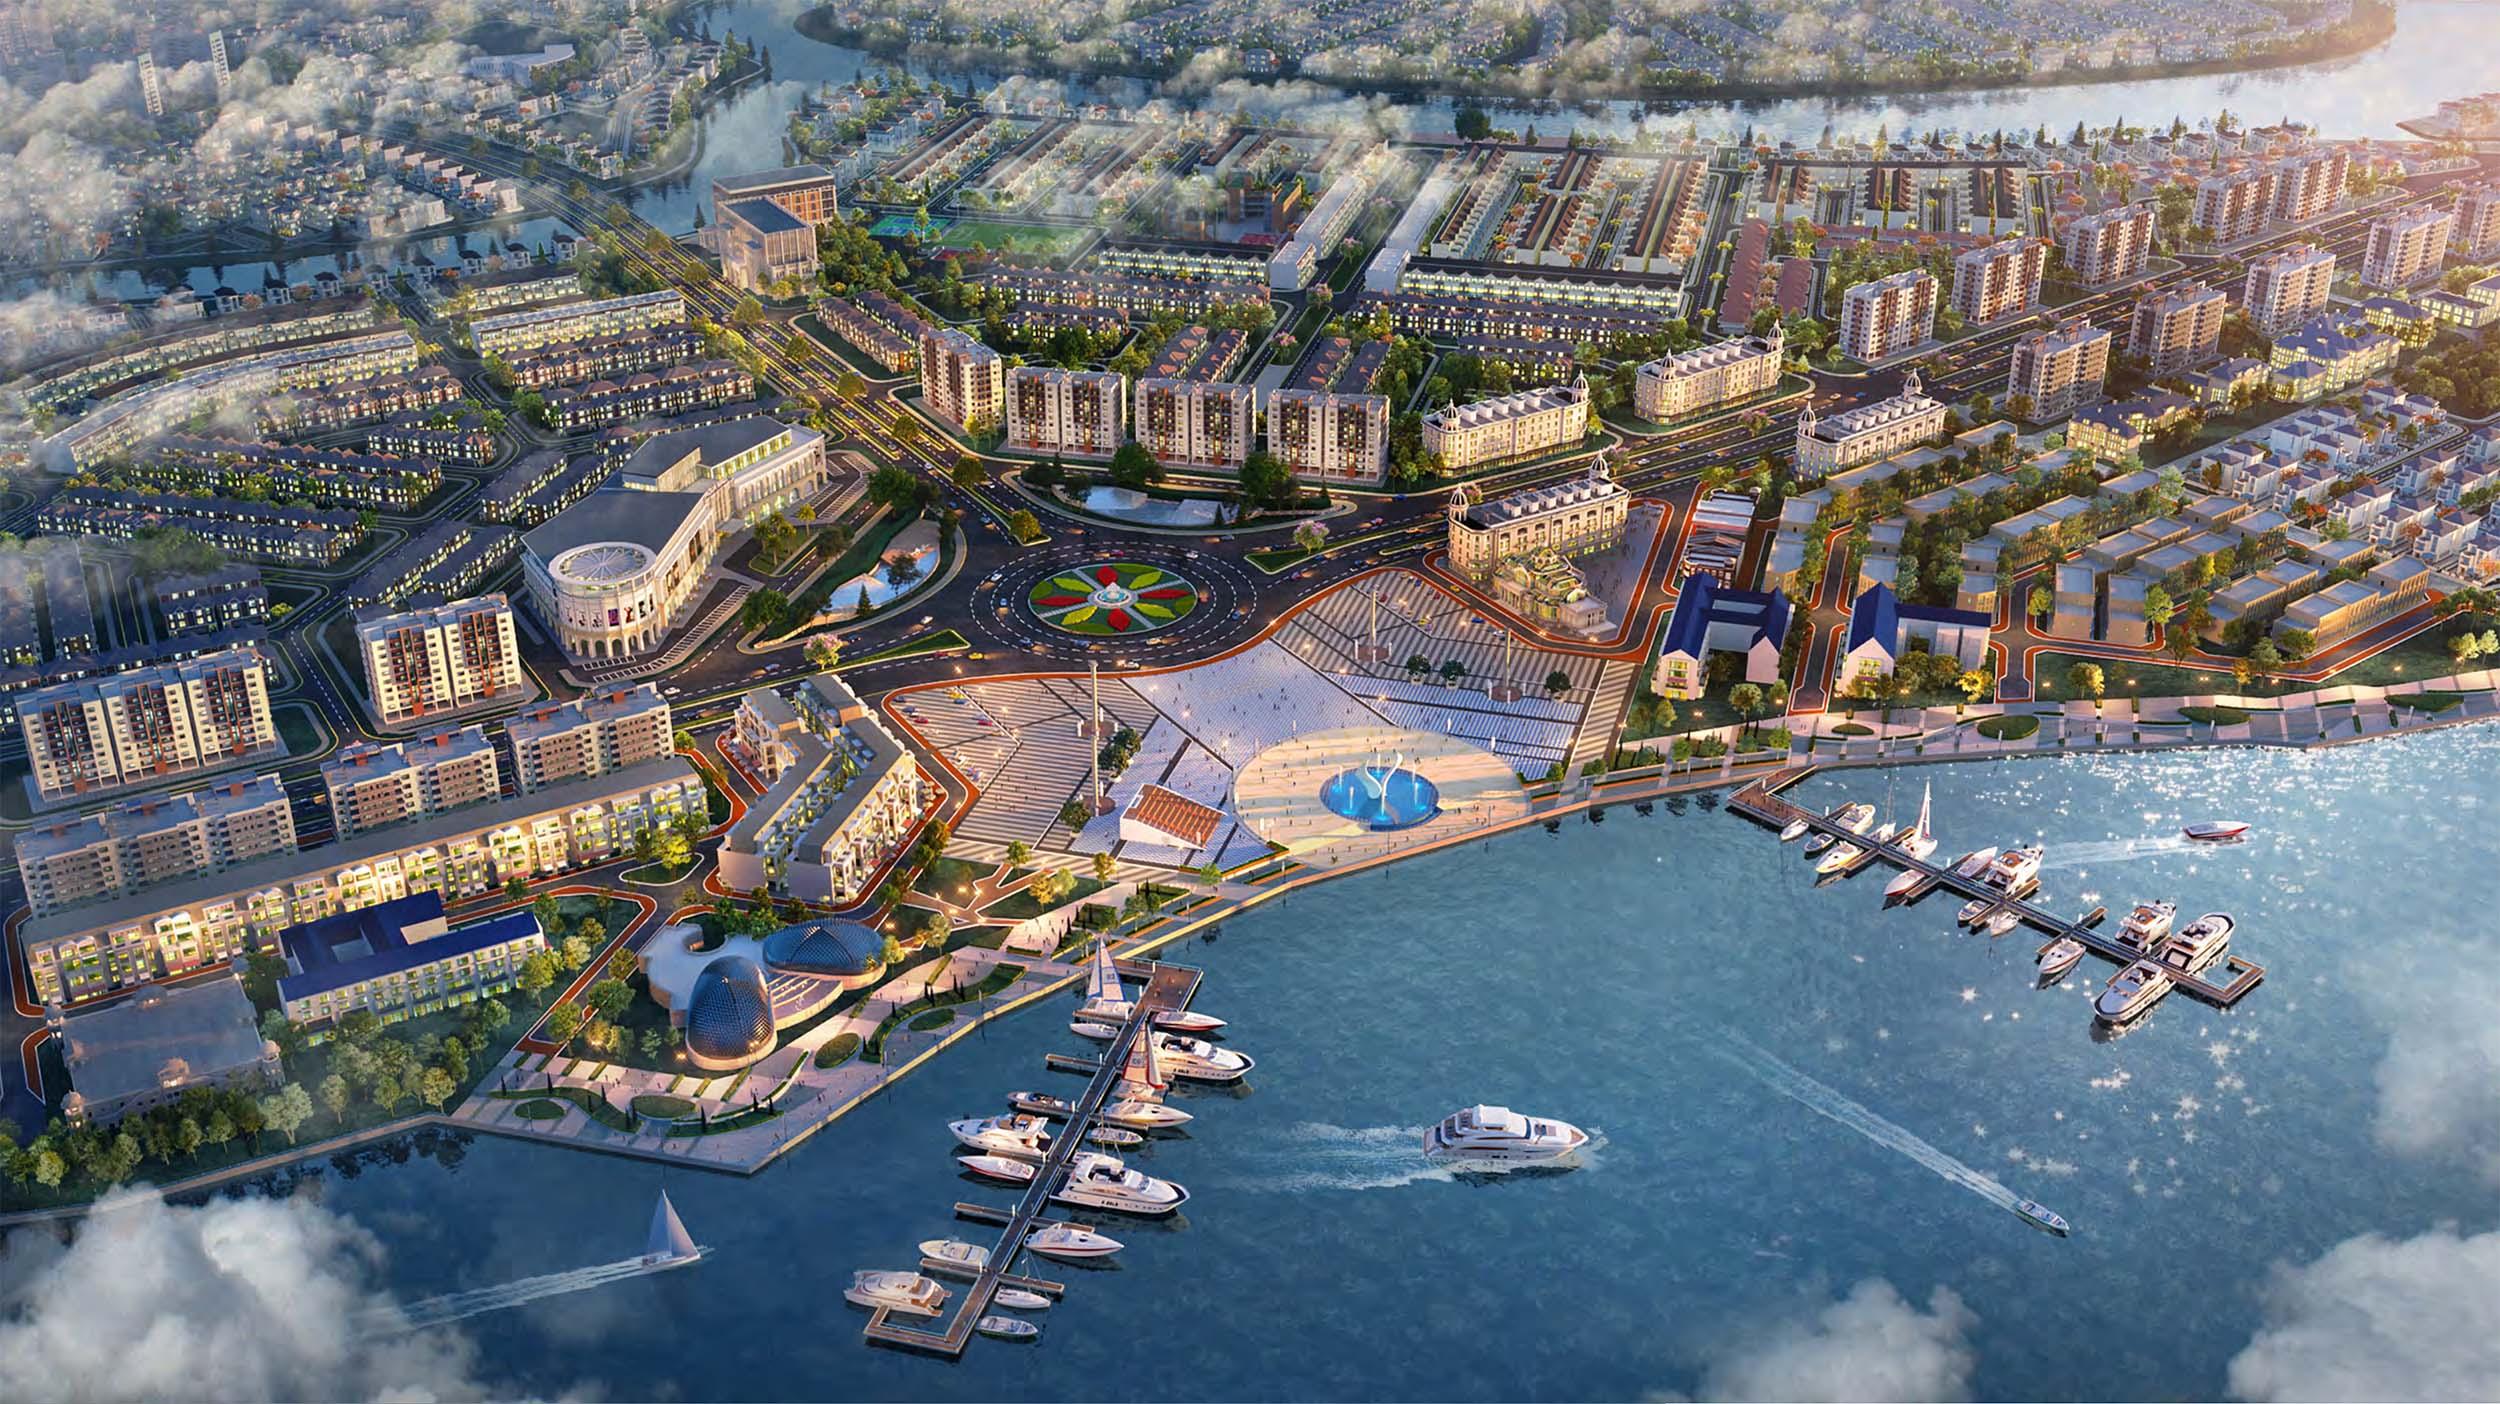 Quảng trường Aqua Marina - Aqua City